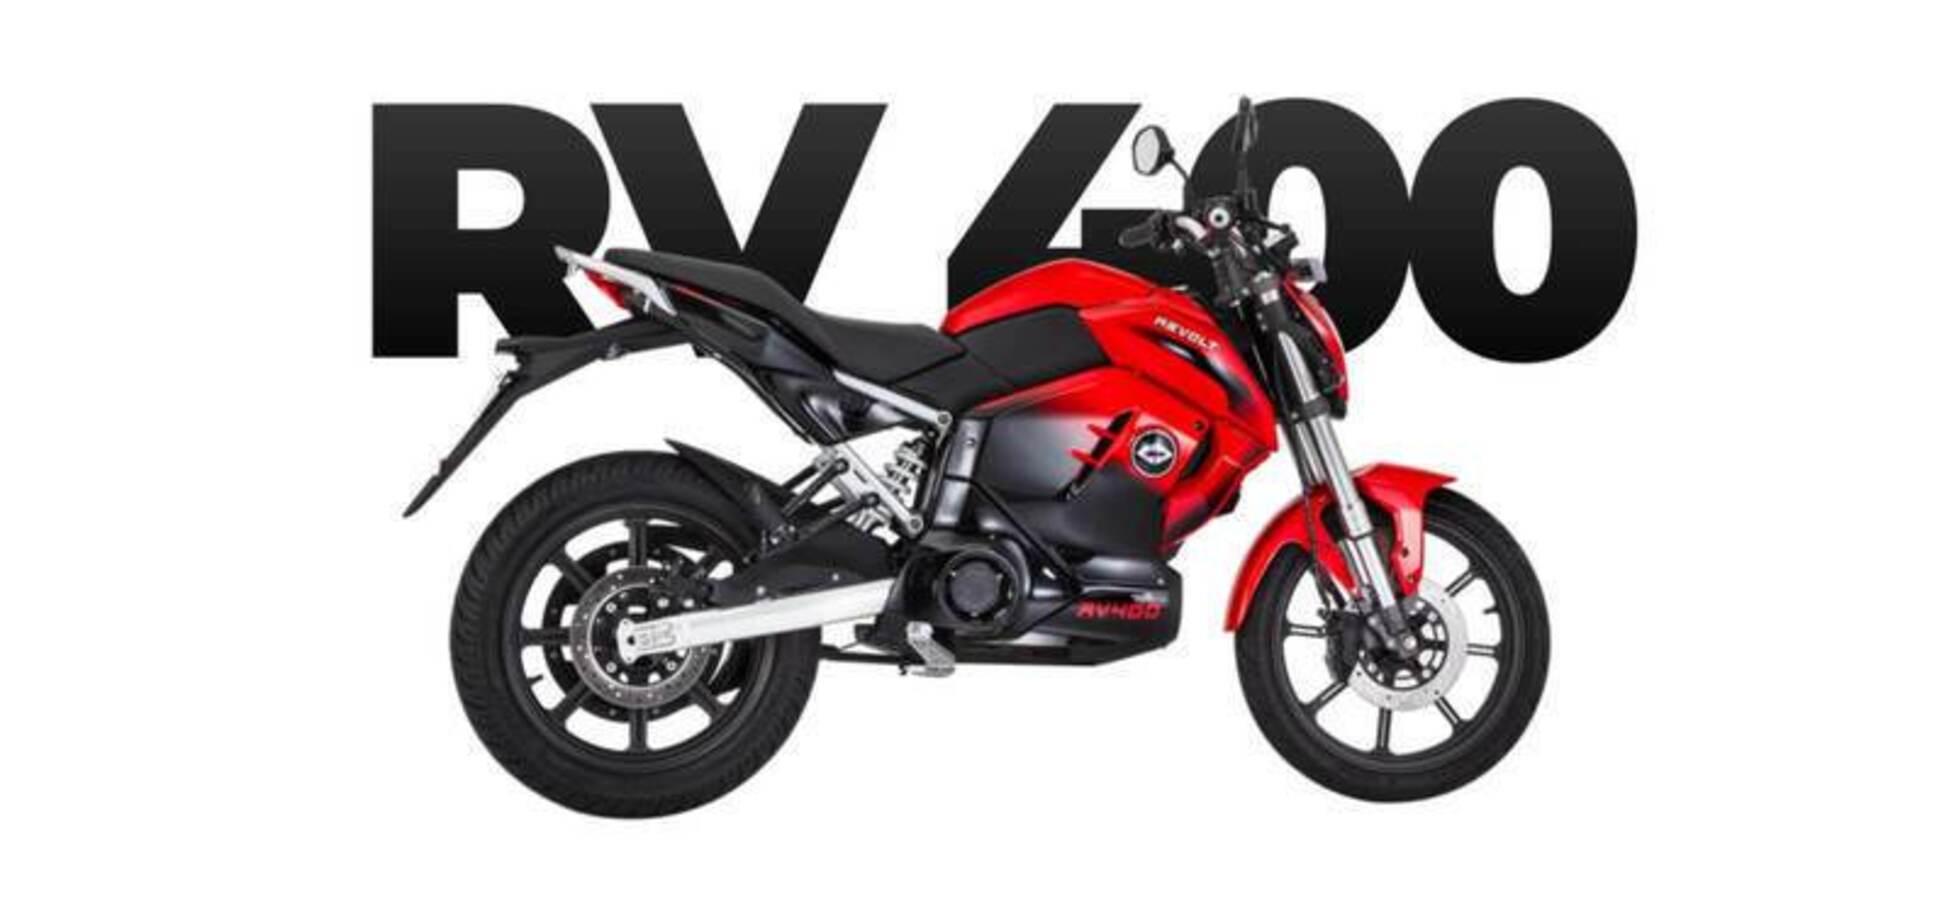 Компания Revolt прекратила поставки бюджетного электробайка RV 400: что произошло